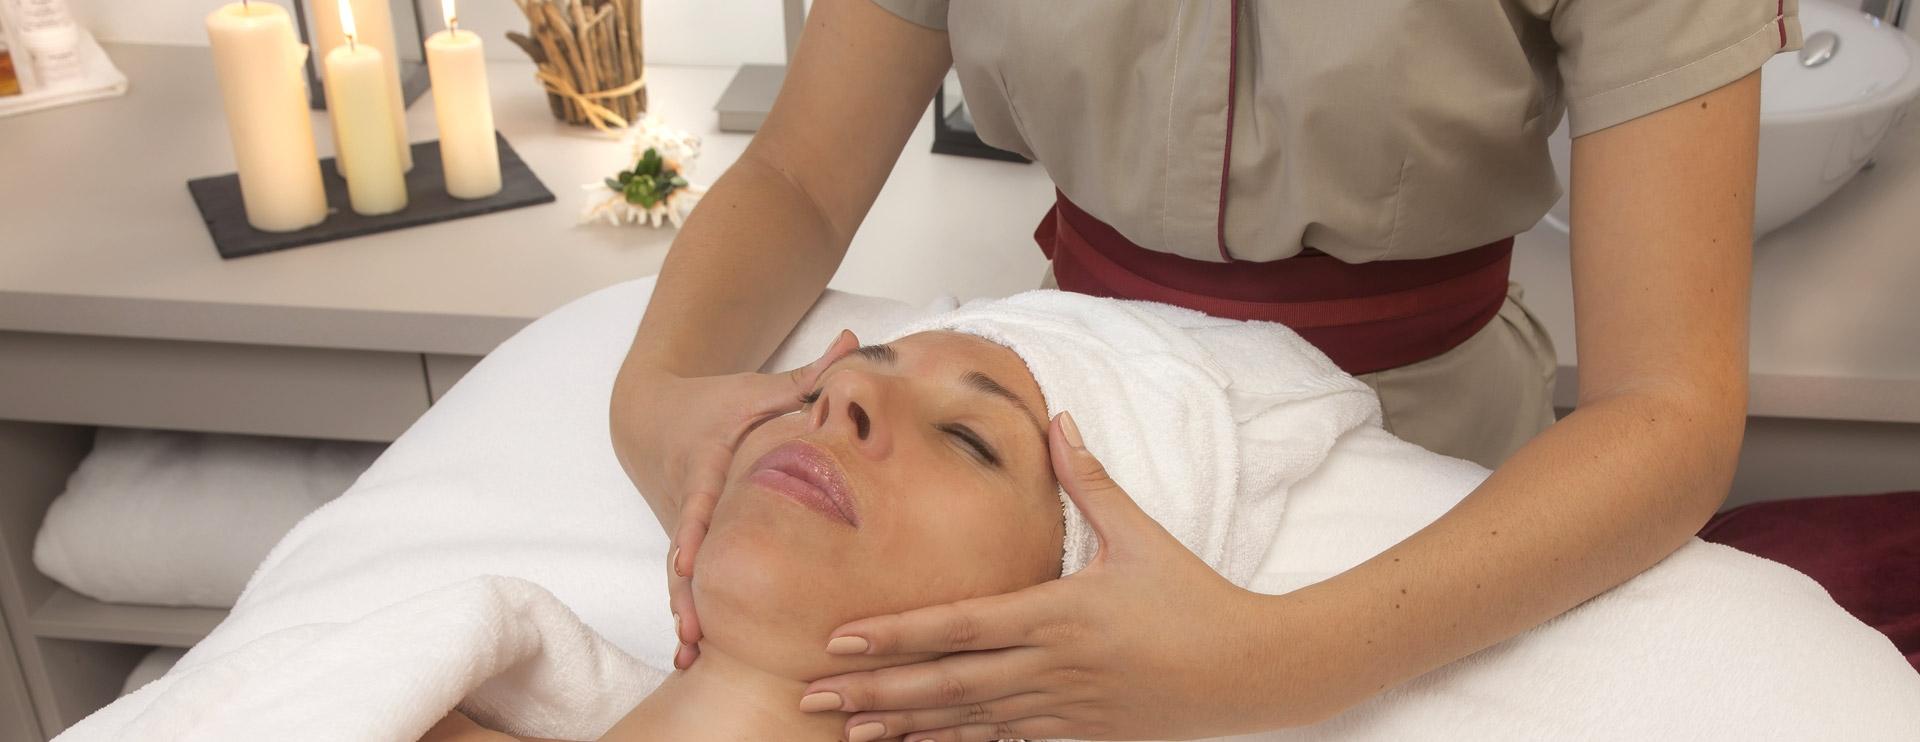 soins bien-être spa esthéticienne détente